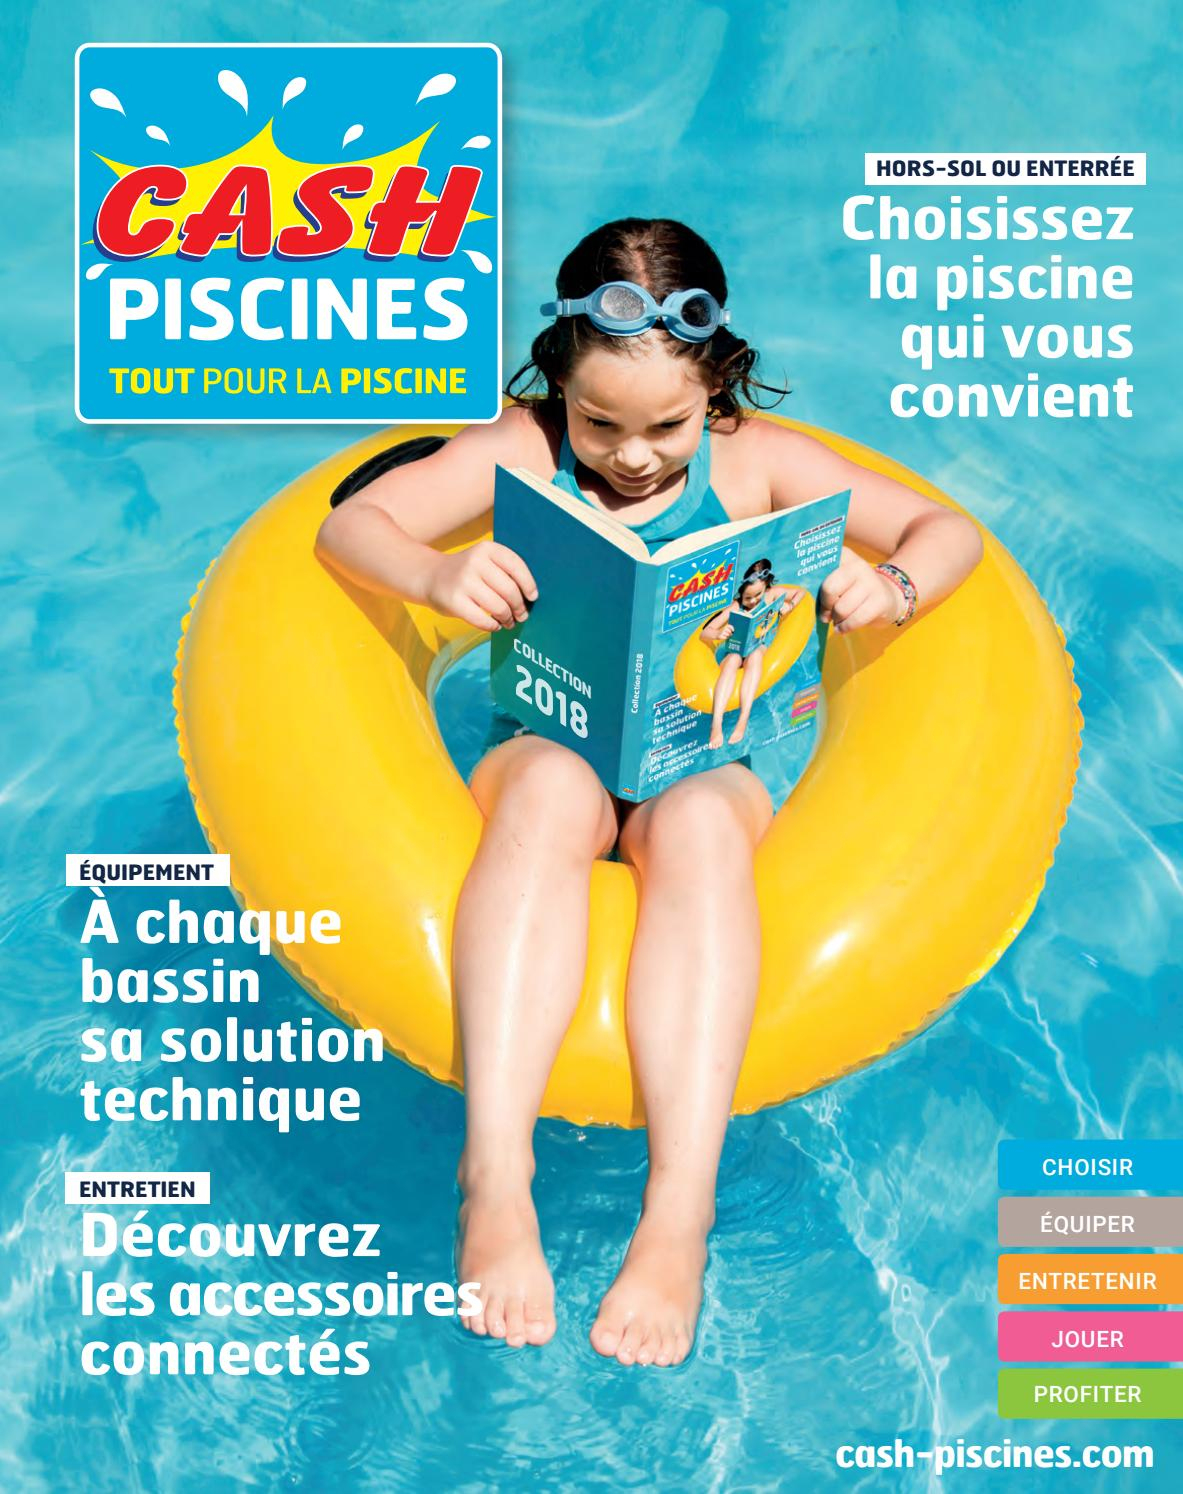 Catalogue Cash Piscine 2018 By Octave Octave - Issuu dedans Entretien Piscine Autoportée